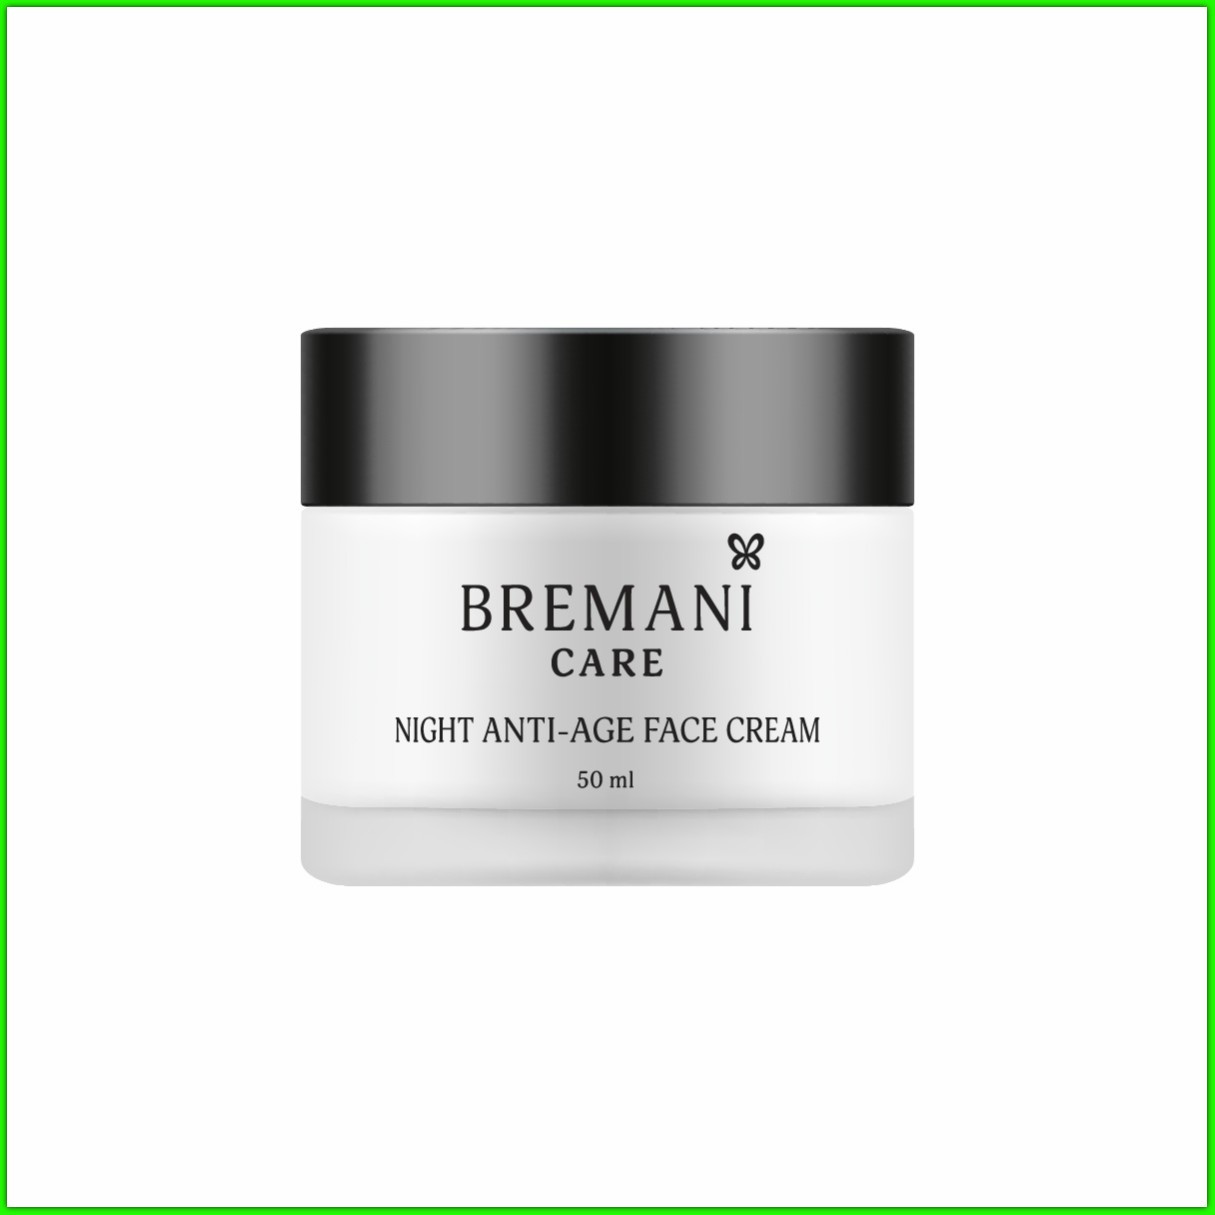 Интенсивный ночной антивозрастной крем НСП для лица 40+. Натуральный. (Night Anti-age Face Cream 40+ NSP)